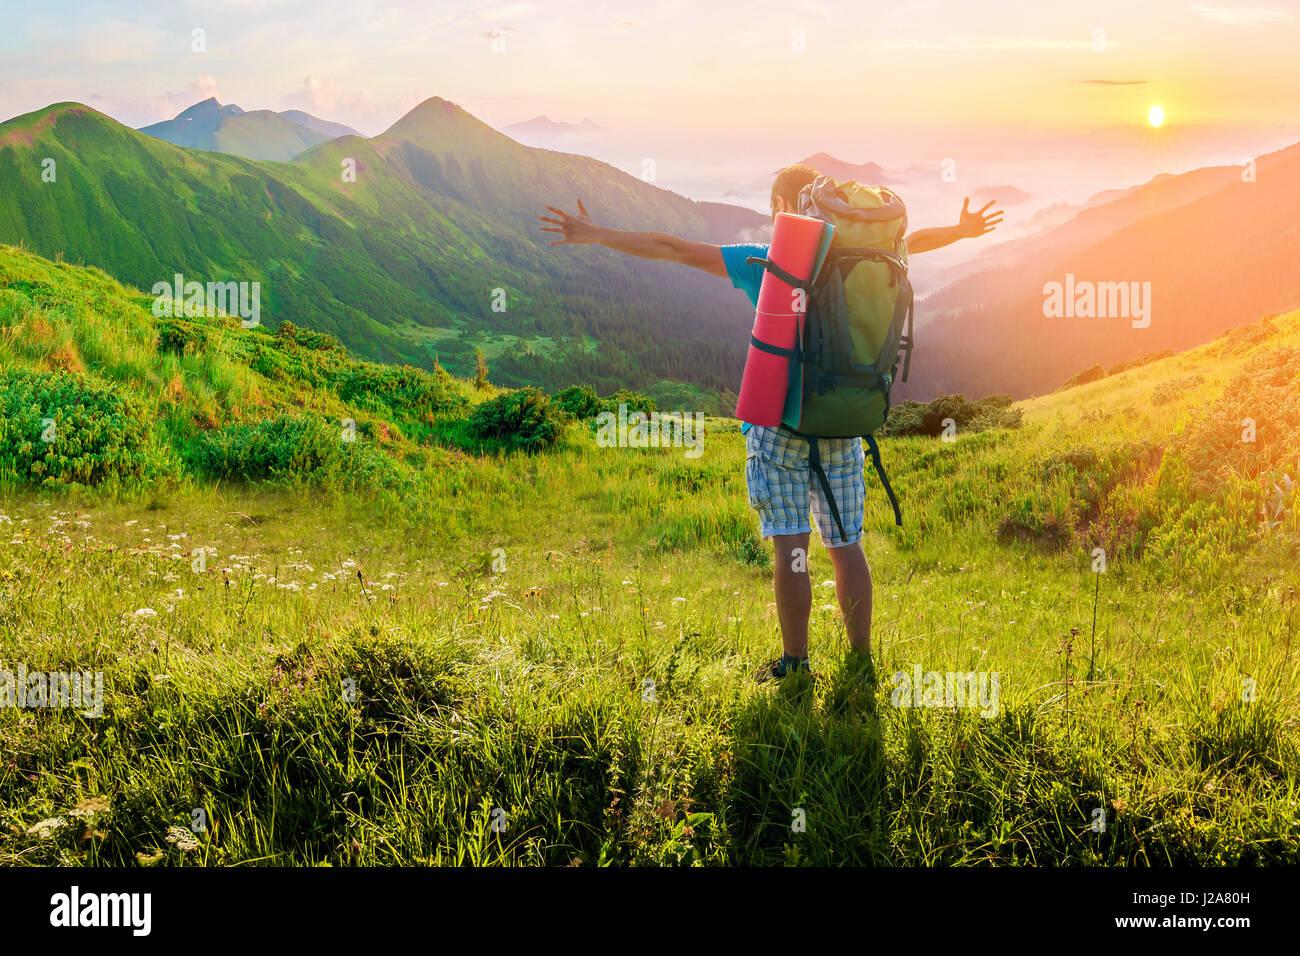 Escursionista con uno zaino in piedi in montagna. Una natura che stupisce il paesaggio. Effetto luce soffusa Foto Stock